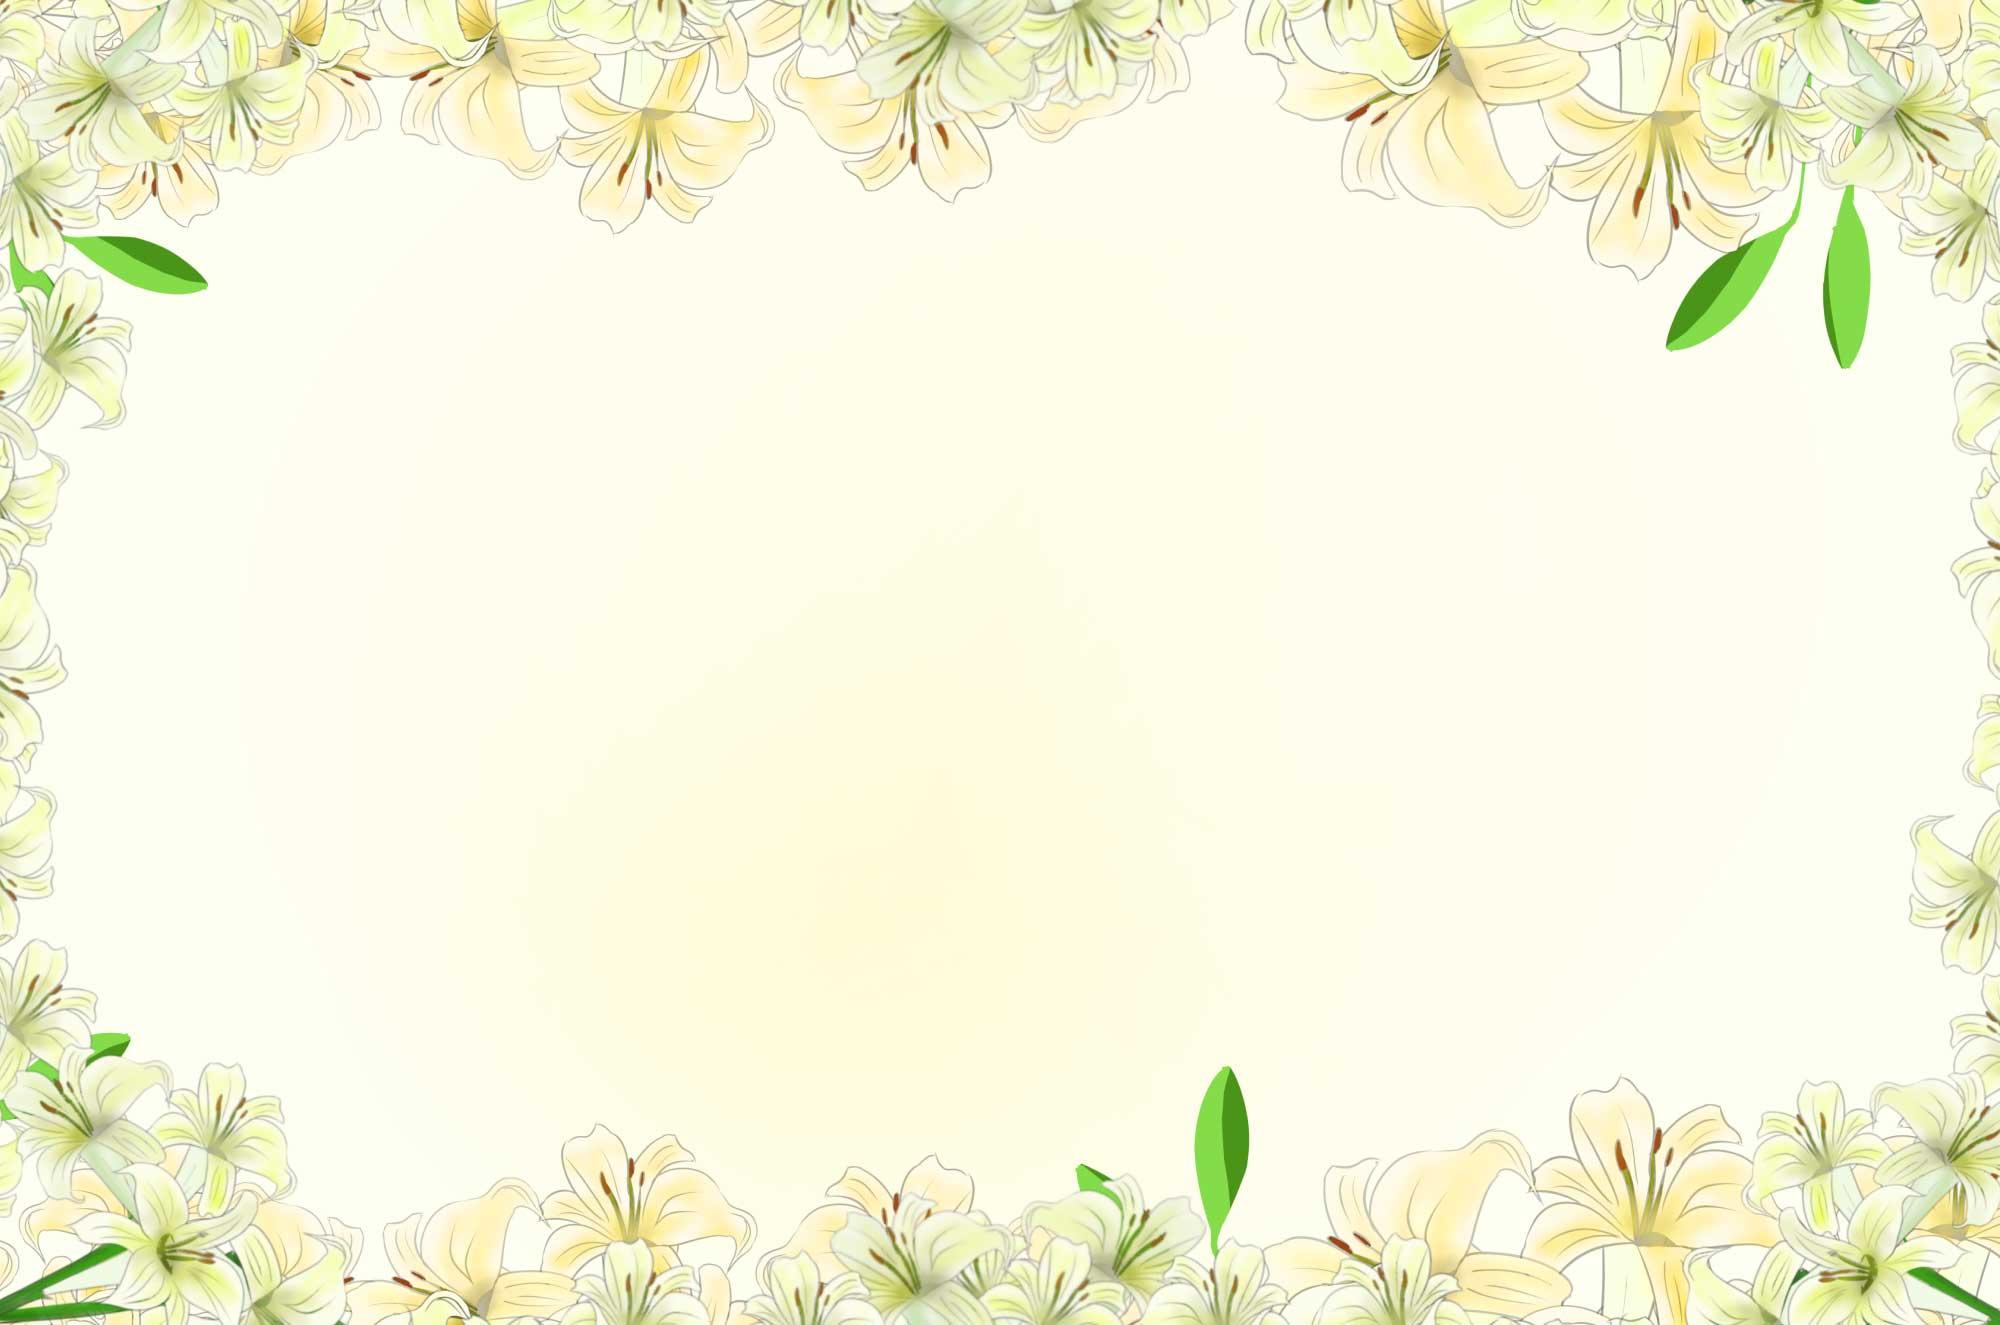 ゆりの花の無料フレーム - 綺麗な花デザイン素材